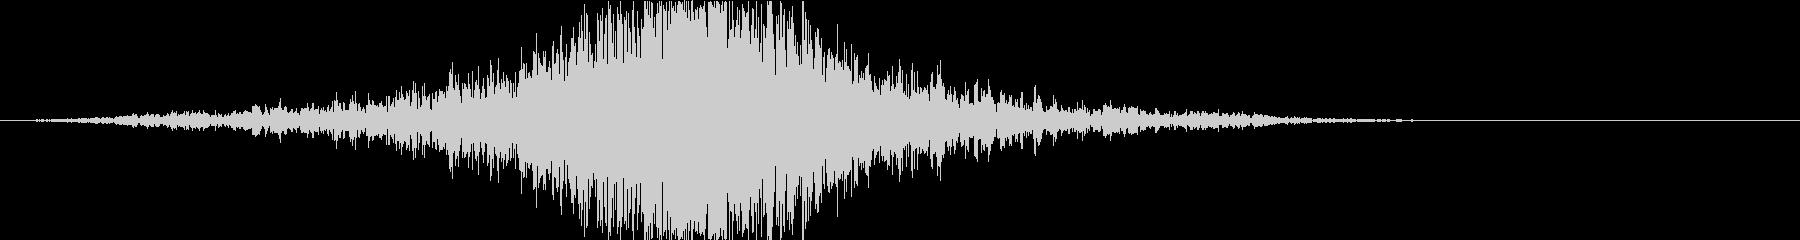 ドラマティックなリバース音36-02の未再生の波形